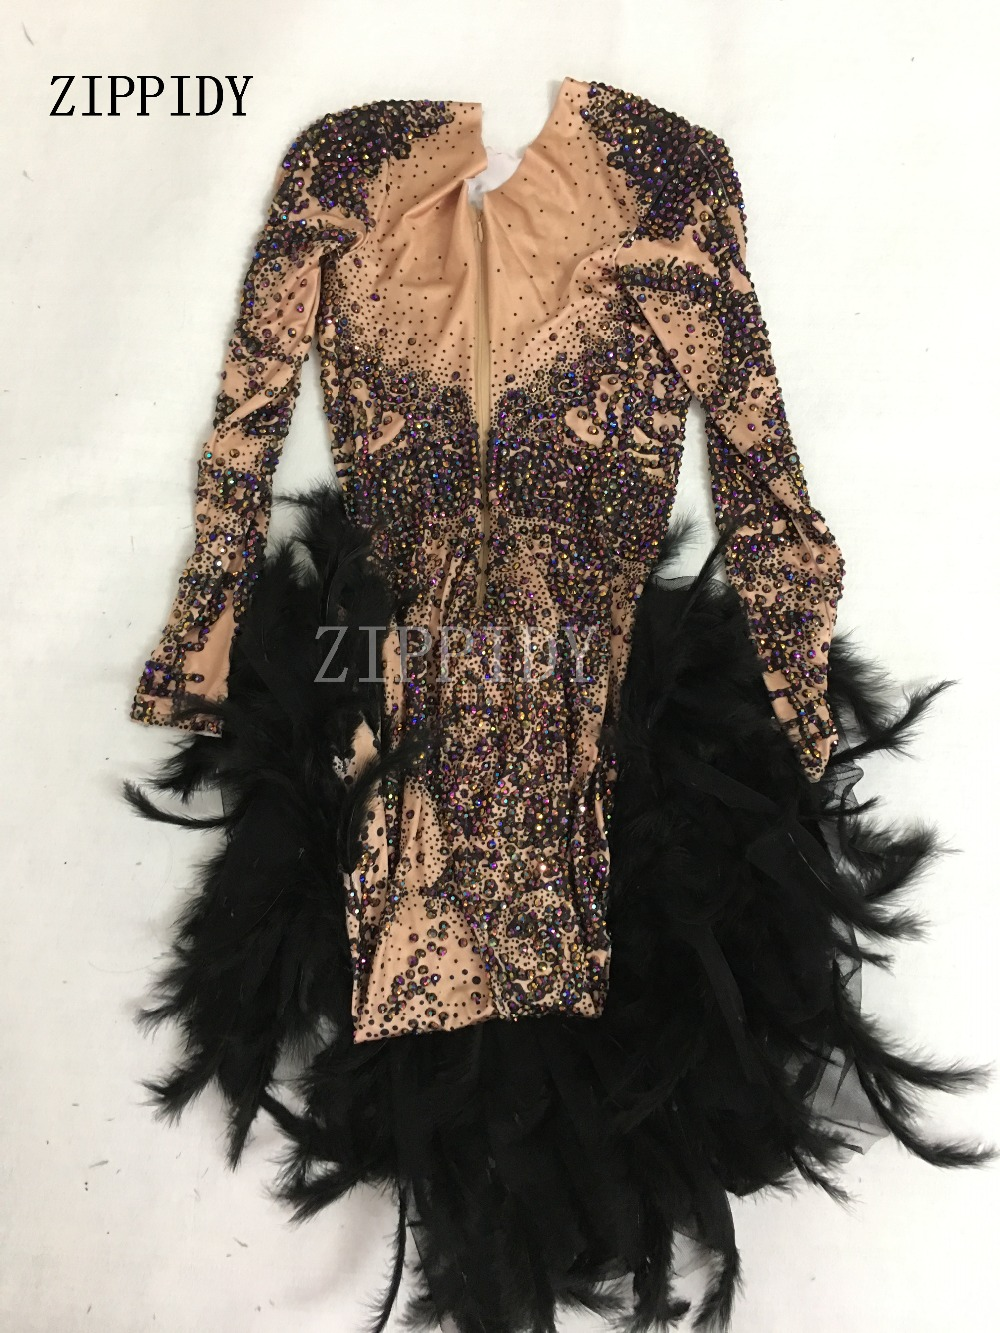 Vestido de fiesta de graduación Vestido largo de plumas negras con diamantes de imitación de colores brillantes a la moda-in Vestidos from Ropa de mujer    3